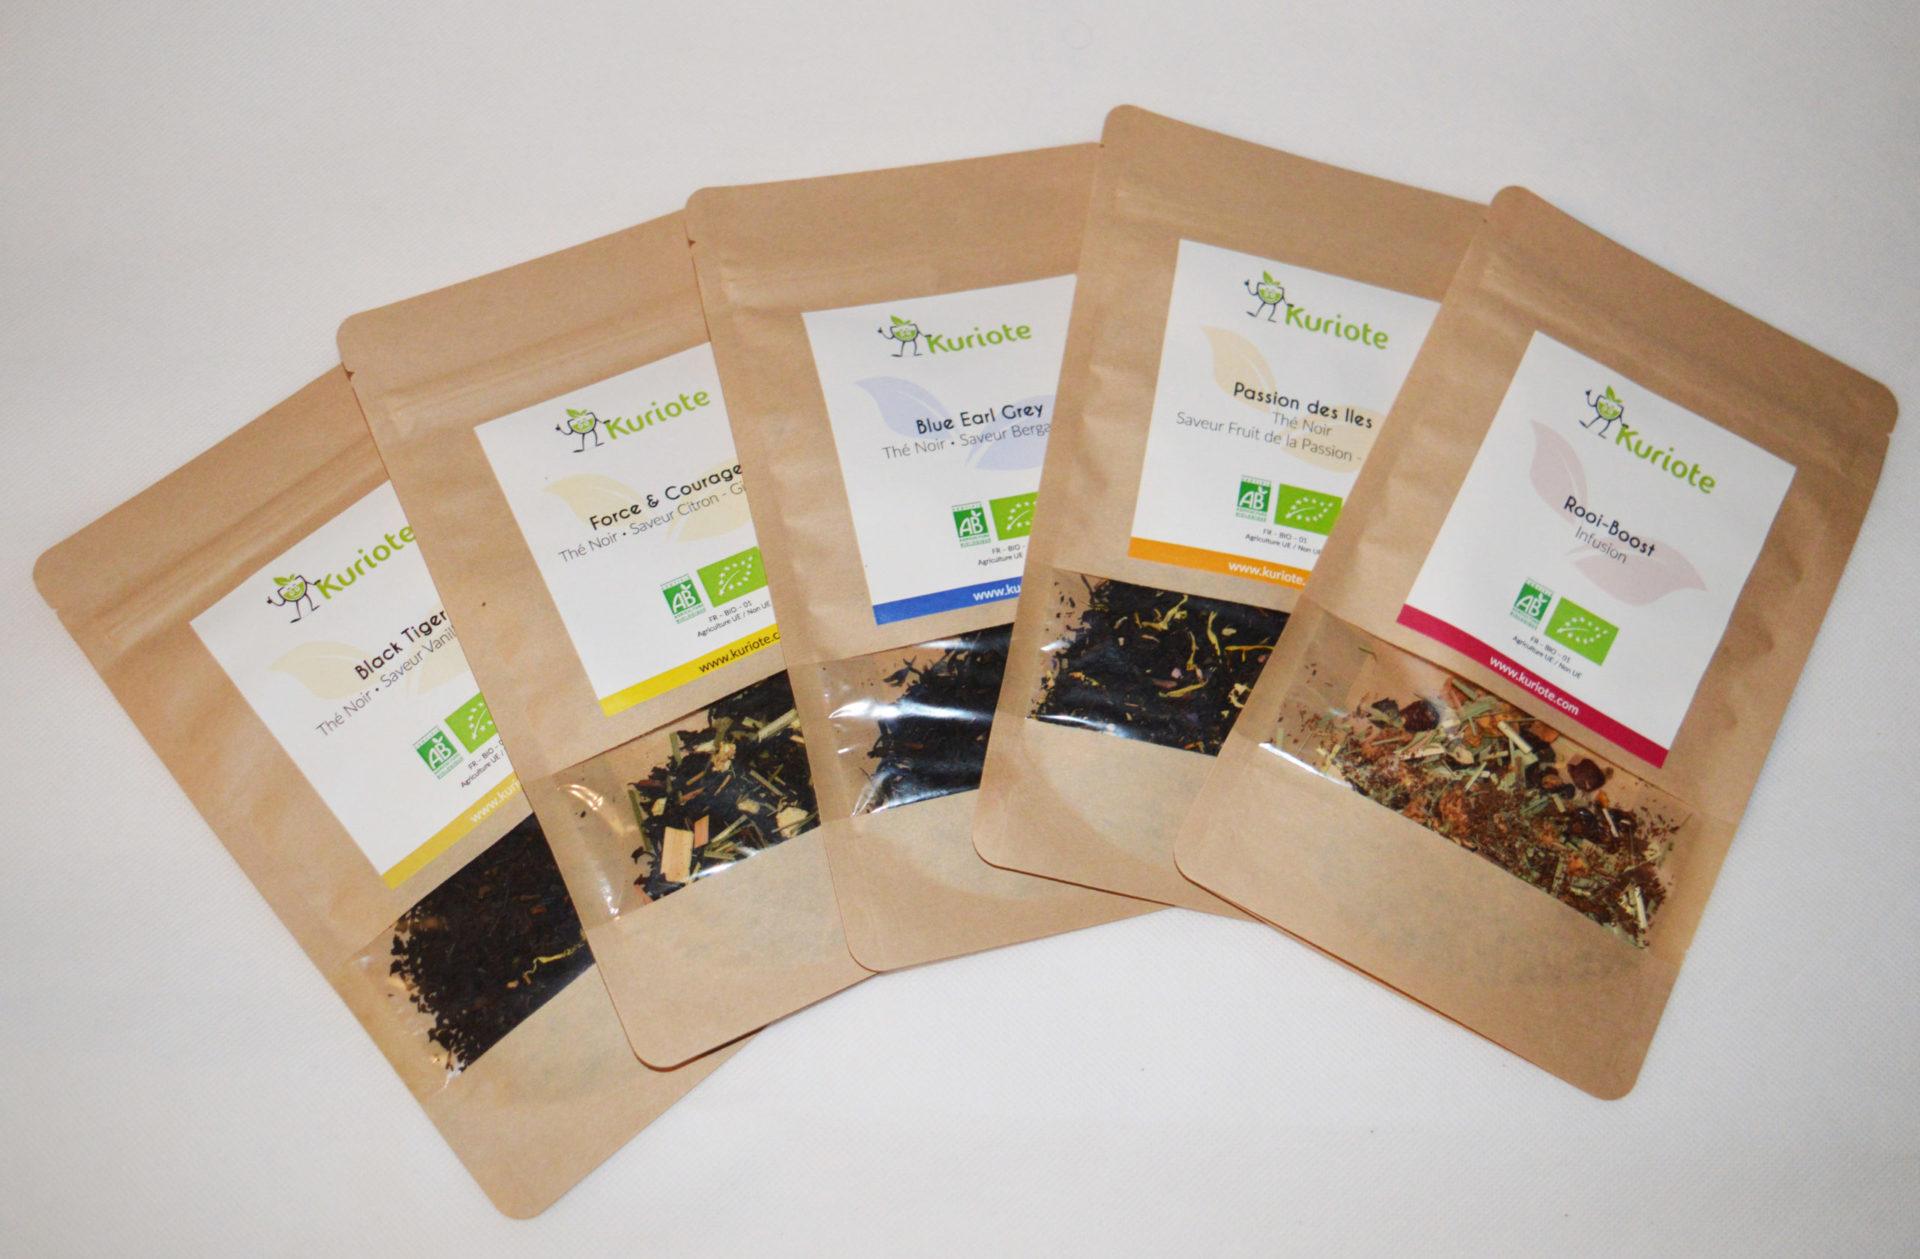 Le thé aromatisé bio de Kuriote, découvrez la gamme